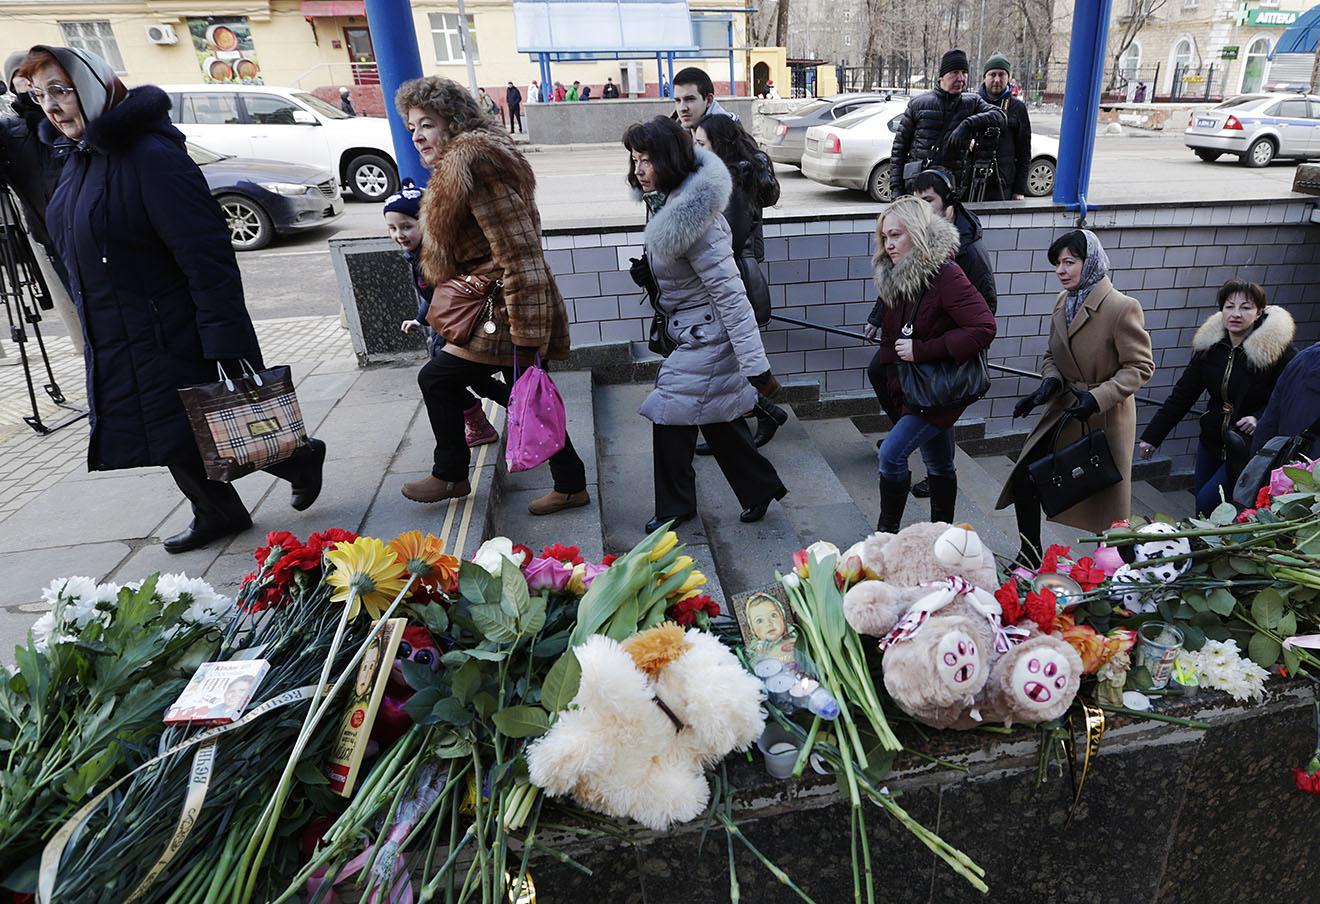 Цветы и игрушки у входа на станцию метро Октябрьское поле, 1 марта 2016 года.